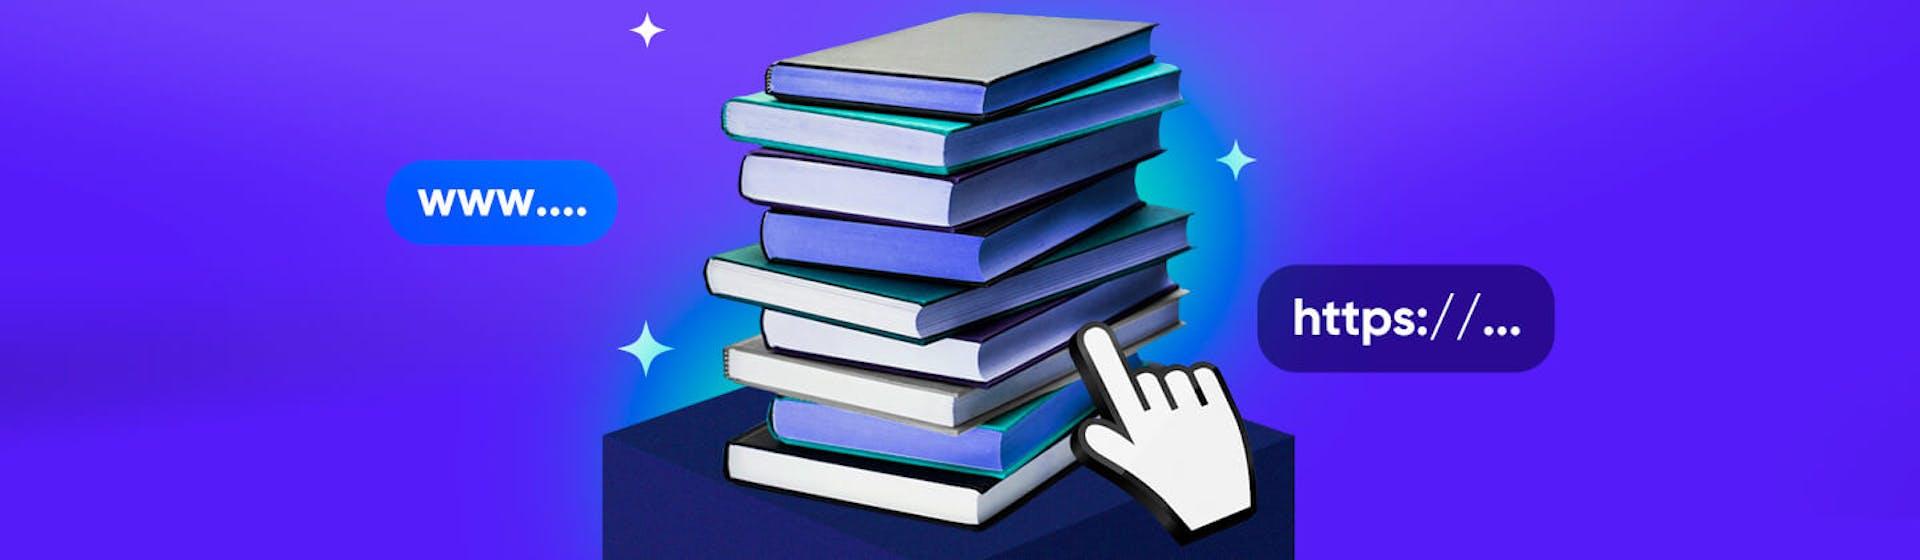 7 páginas para leer libros que facilitarán tu experiencia de lectura en línea